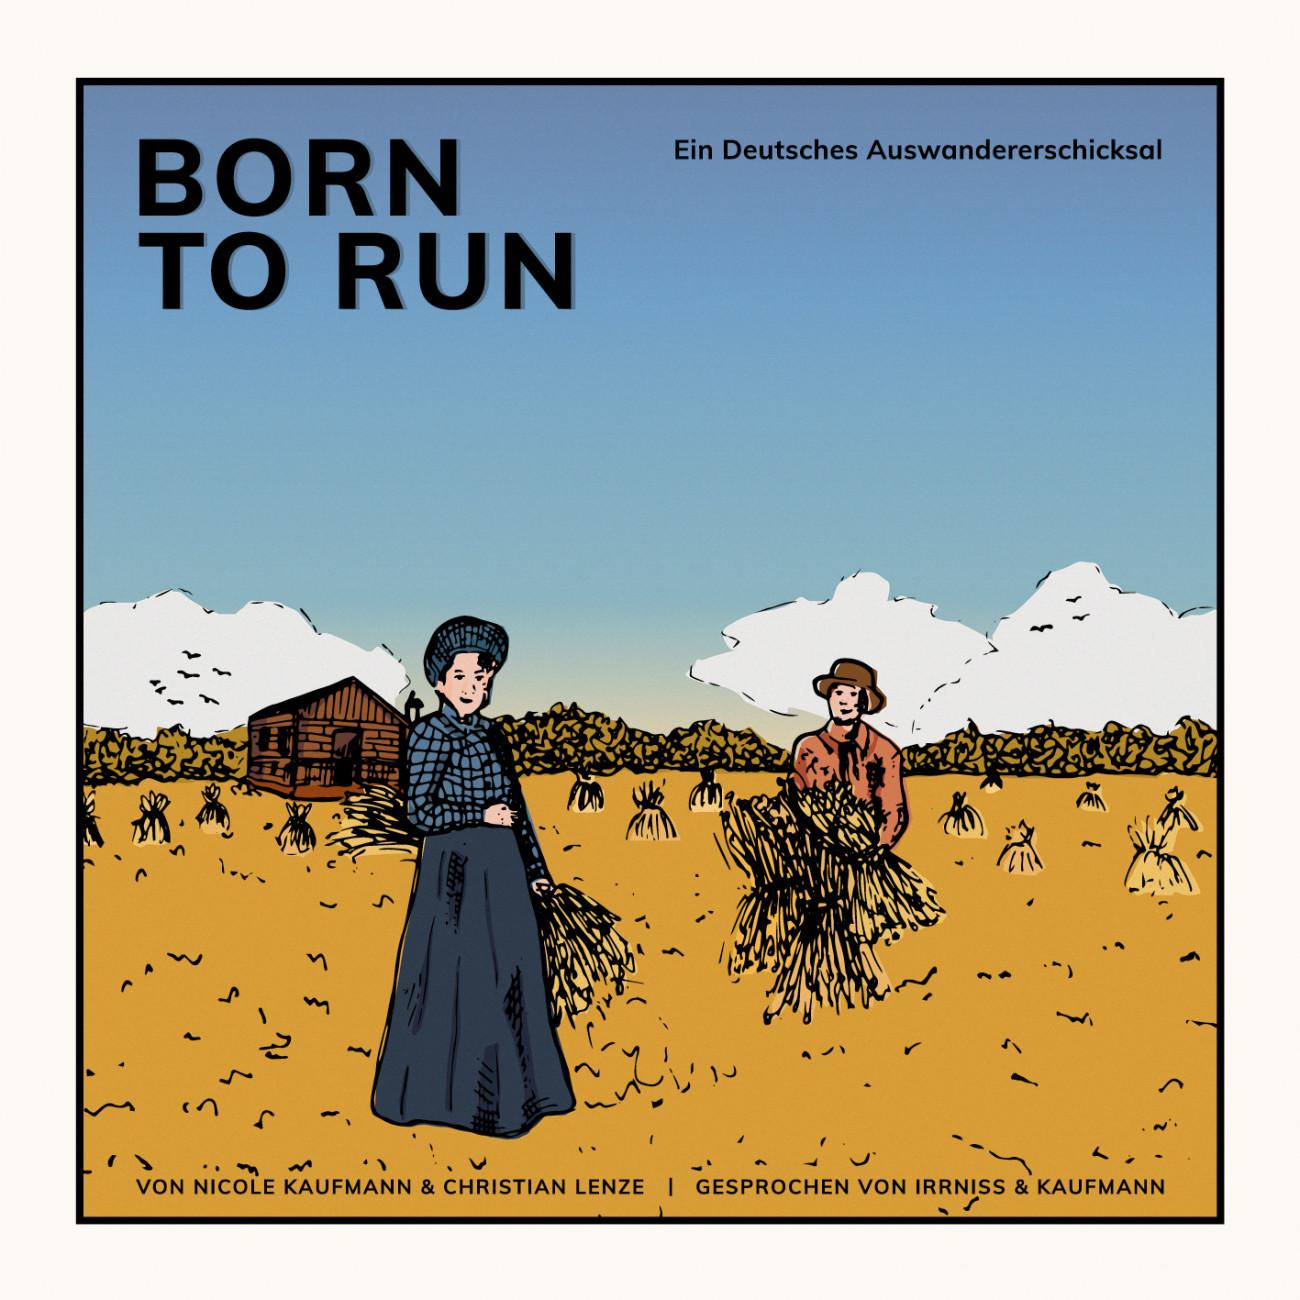 IRRNiSS, Born To Run/Ein Deutsches Auswandererschicksal Cover Art by Helene Uhl